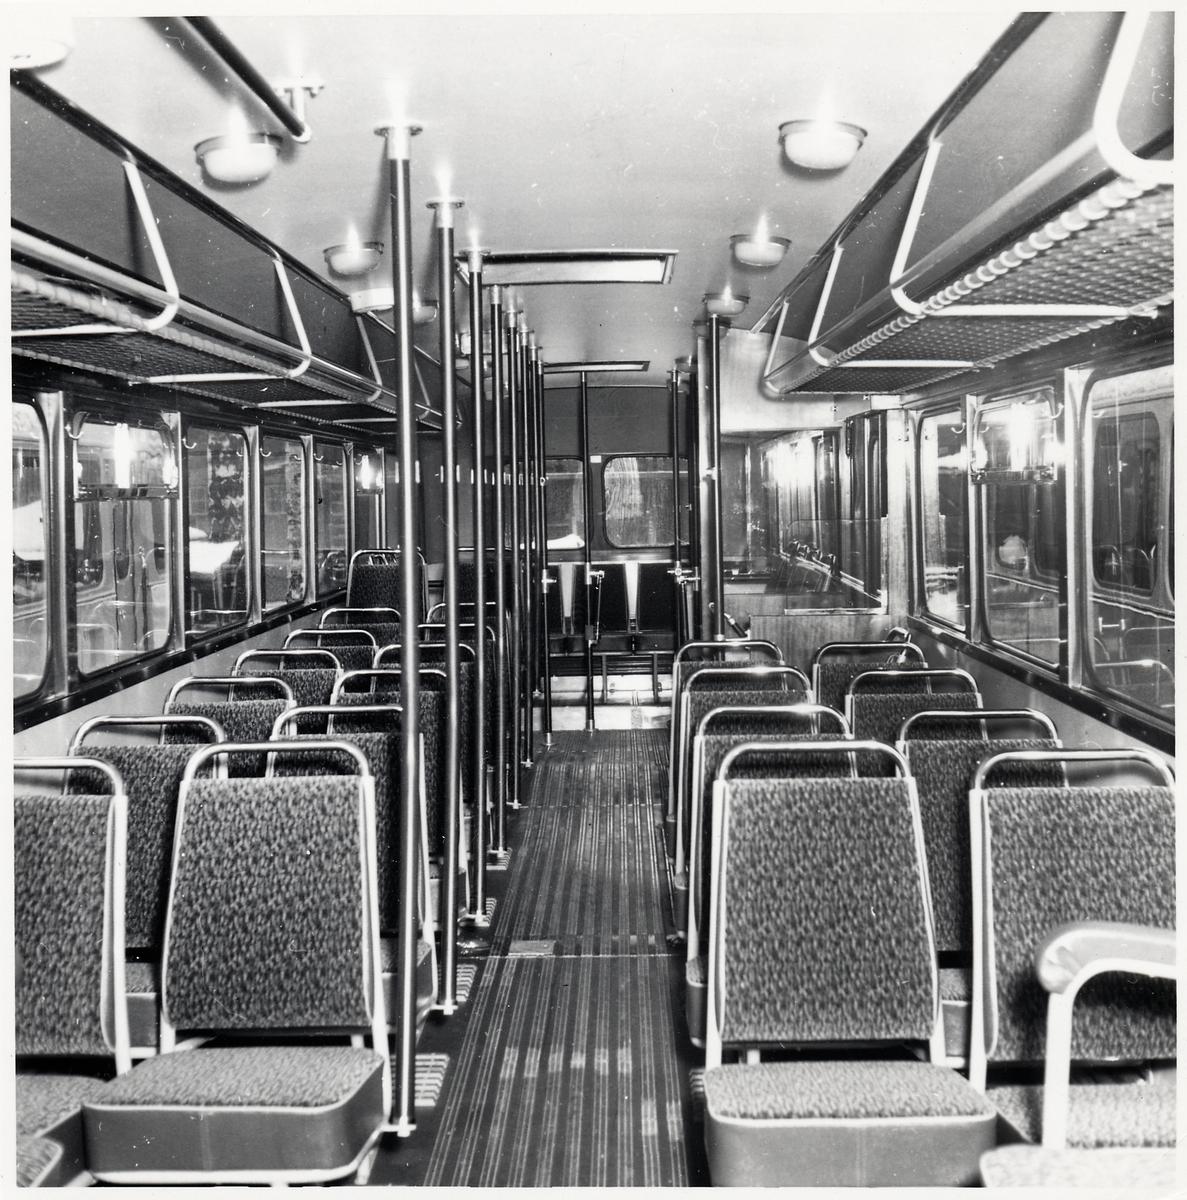 Sittplatser i en buss.